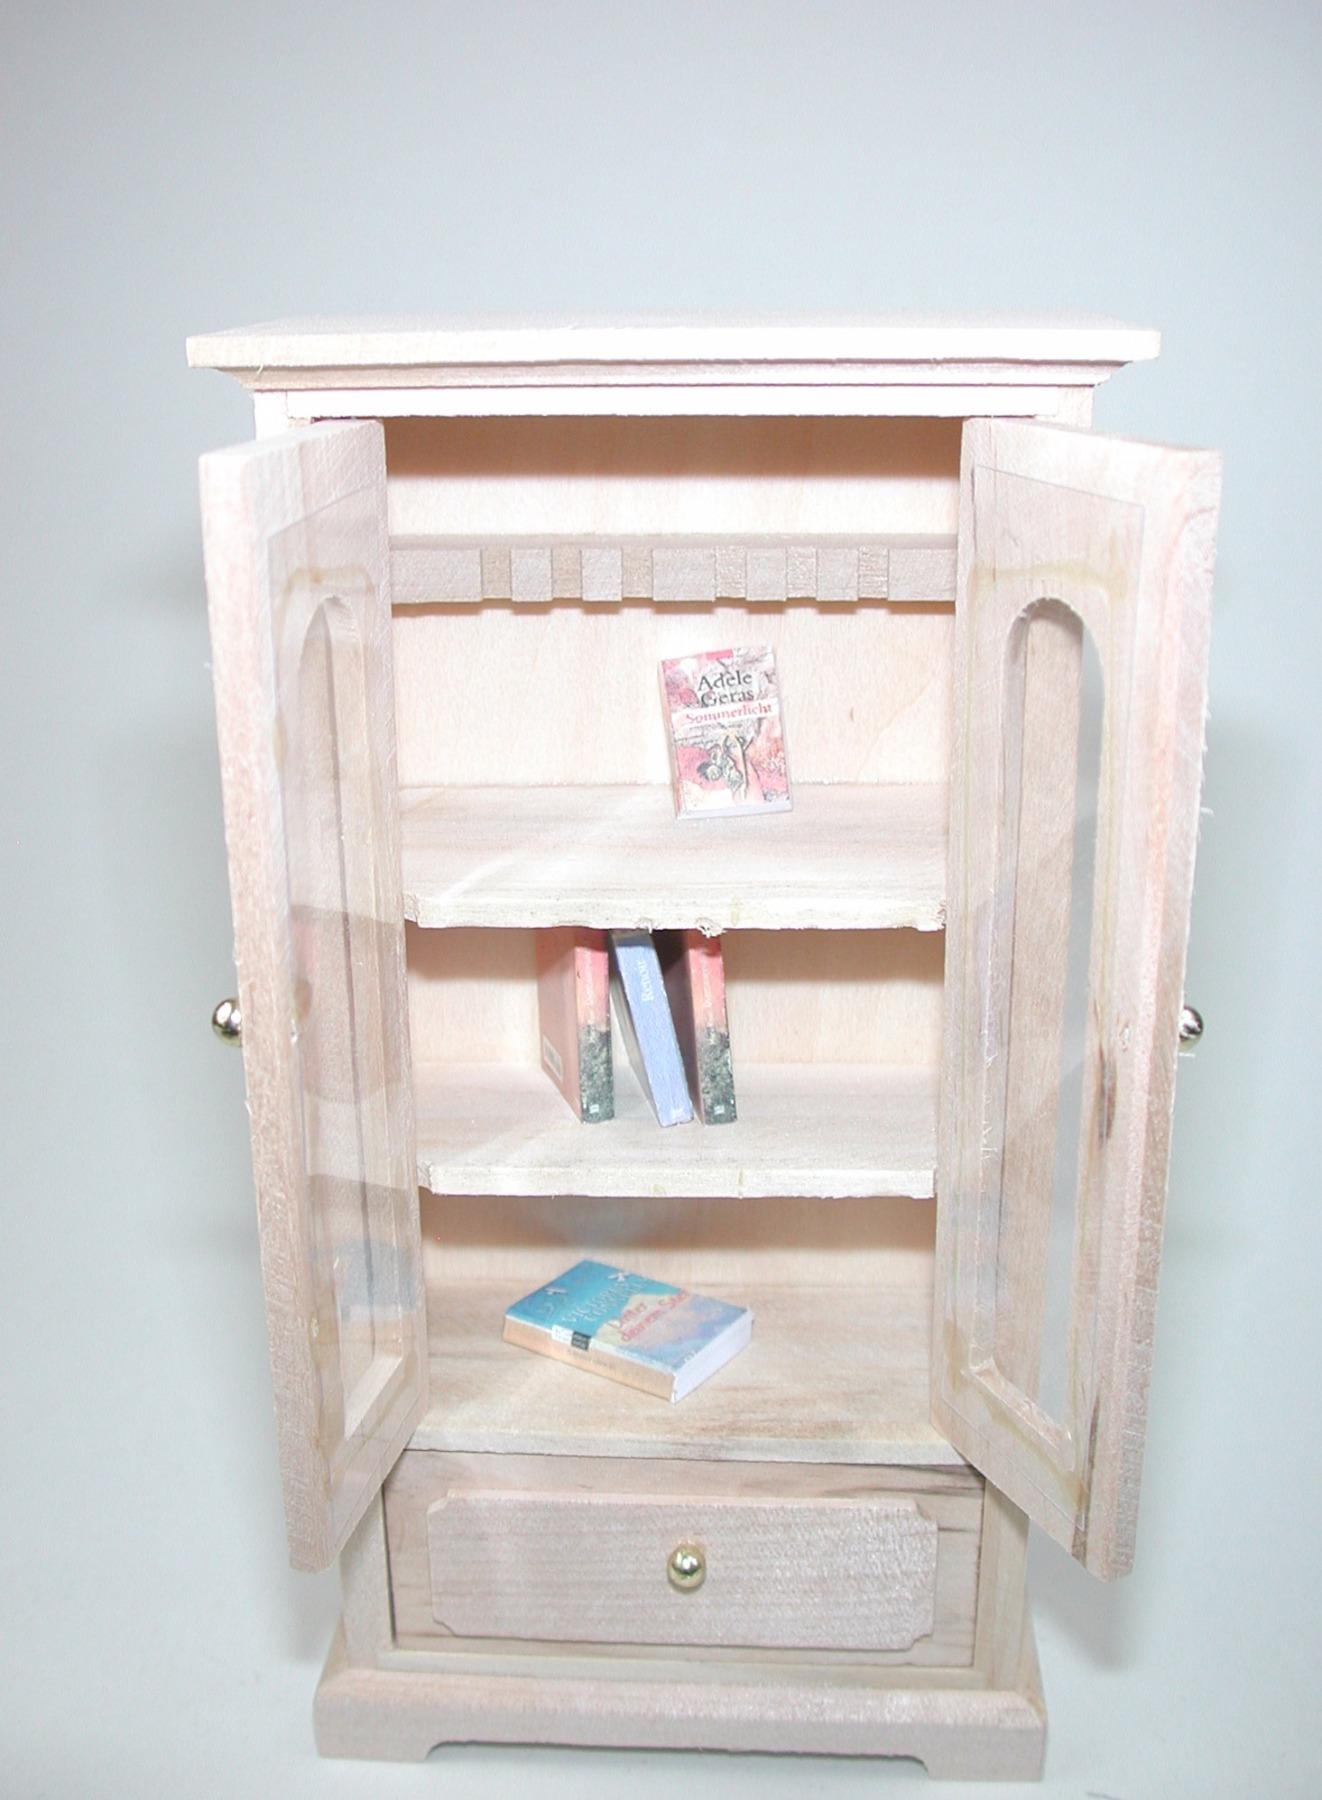 Bücherschrank mit mit einer Schublade für